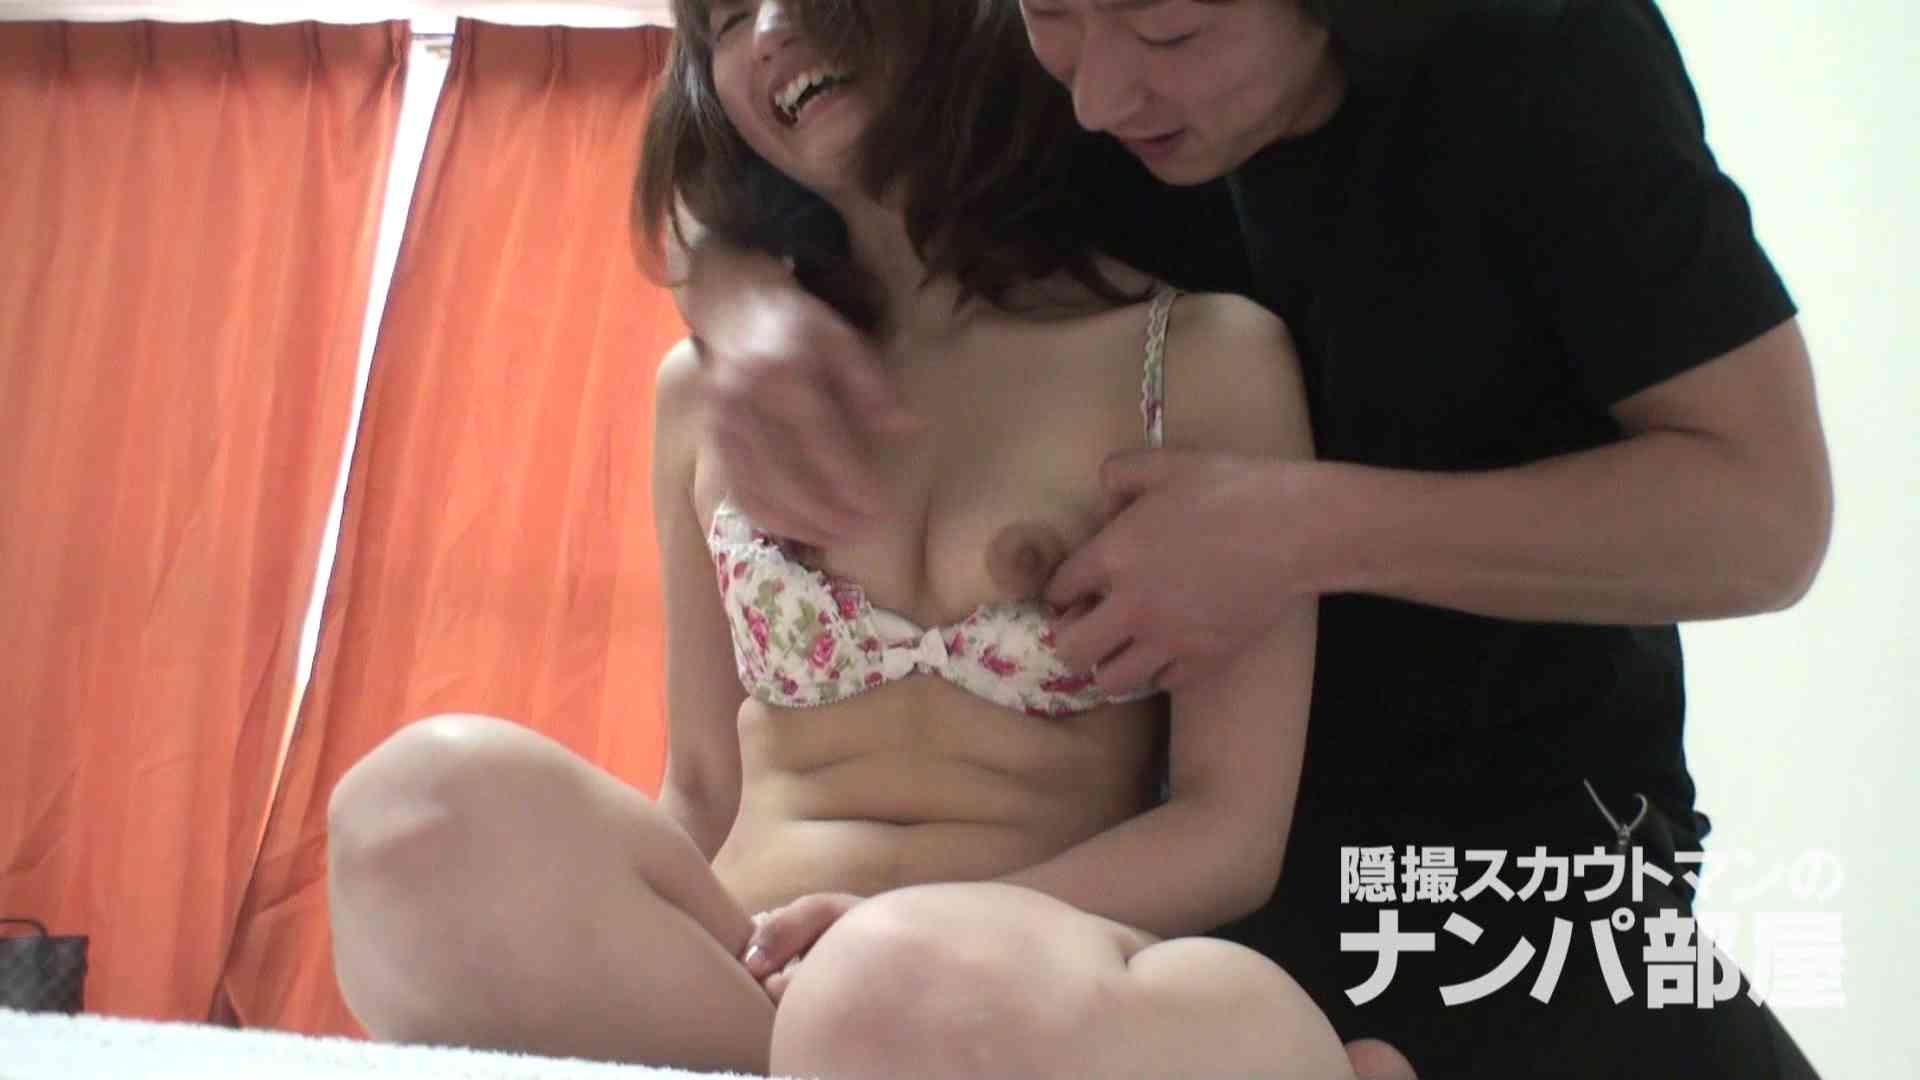 隠撮スカウトマンのナンパ部屋~風俗デビュー前のつまみ食い~ siivol.2 美しいOLの裸体  77pic 56